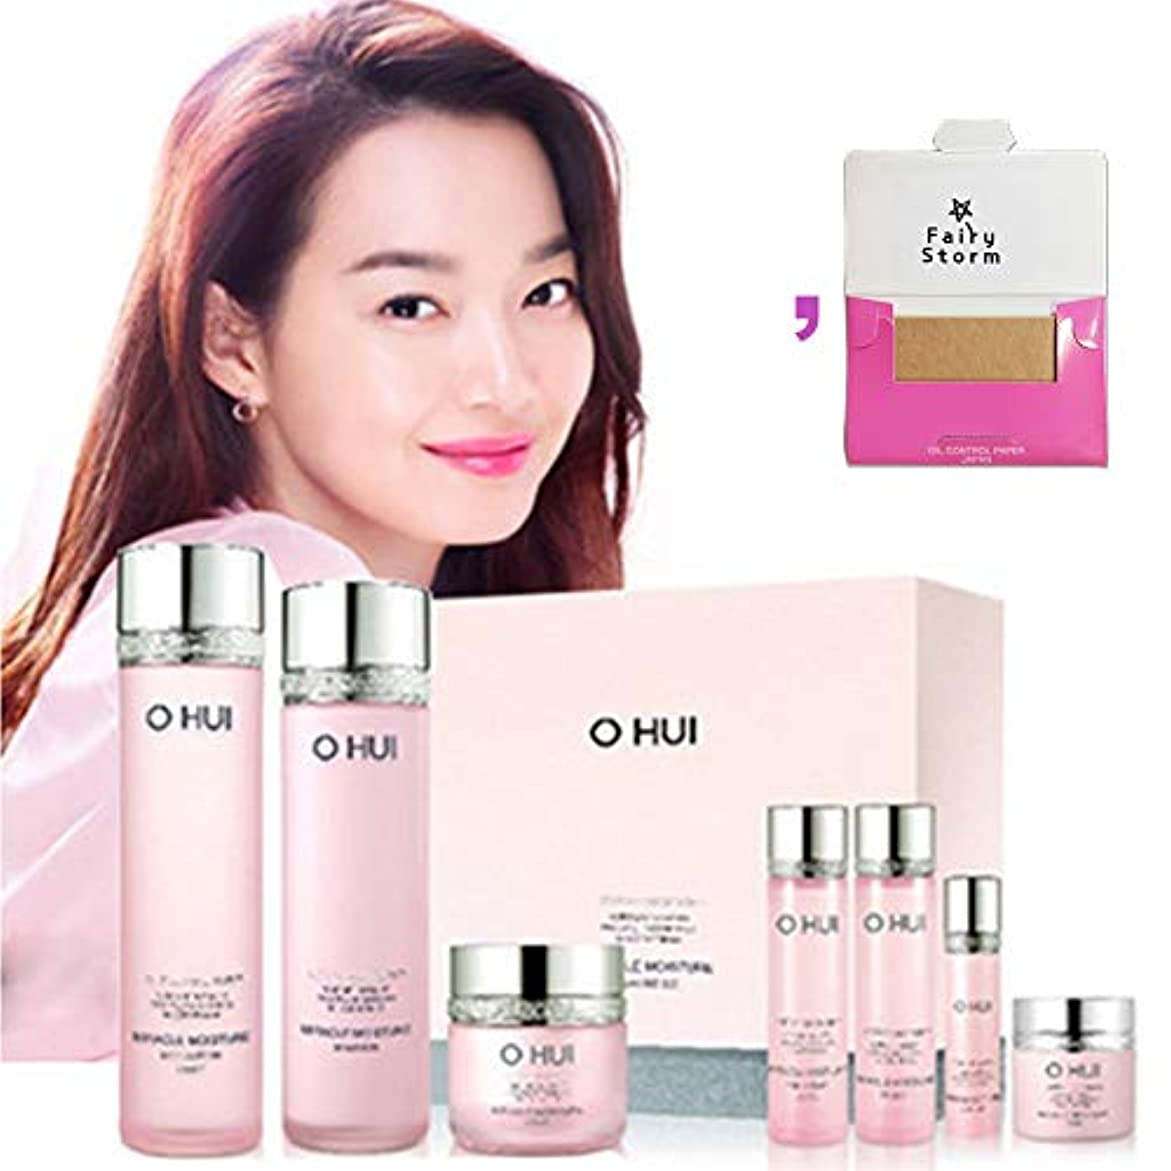 レイアウト愛国的な眠っている[オフィ/O HUI]韓国化粧品LG生活健康/Miracle Moisture three kinds of special set/ミラクルモイスチャー3種のスペシャルセット+[Sample Gift](海外直送品)